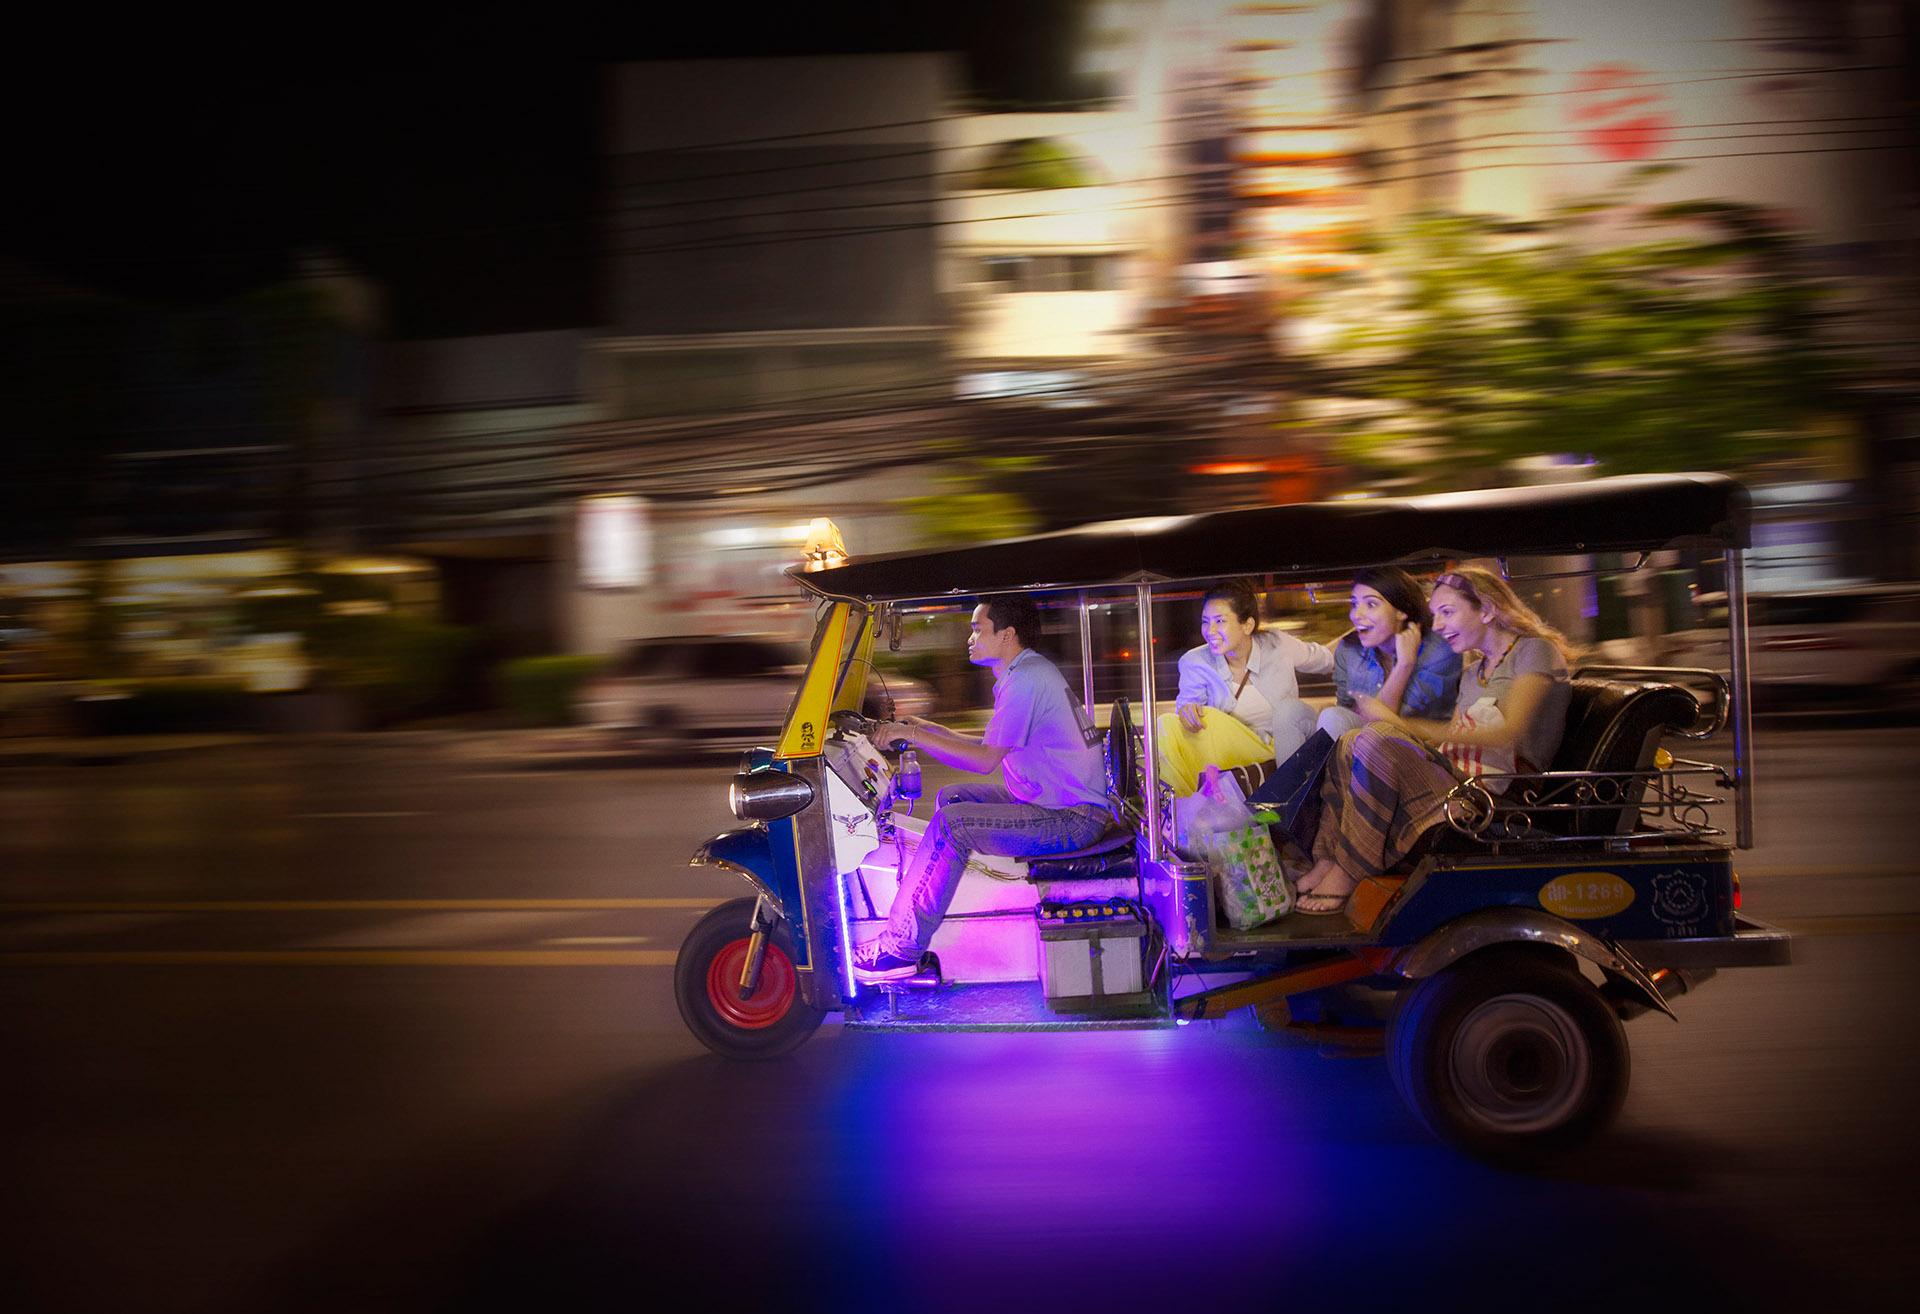 079 VISA_Thailand Tuk Tuk 130515